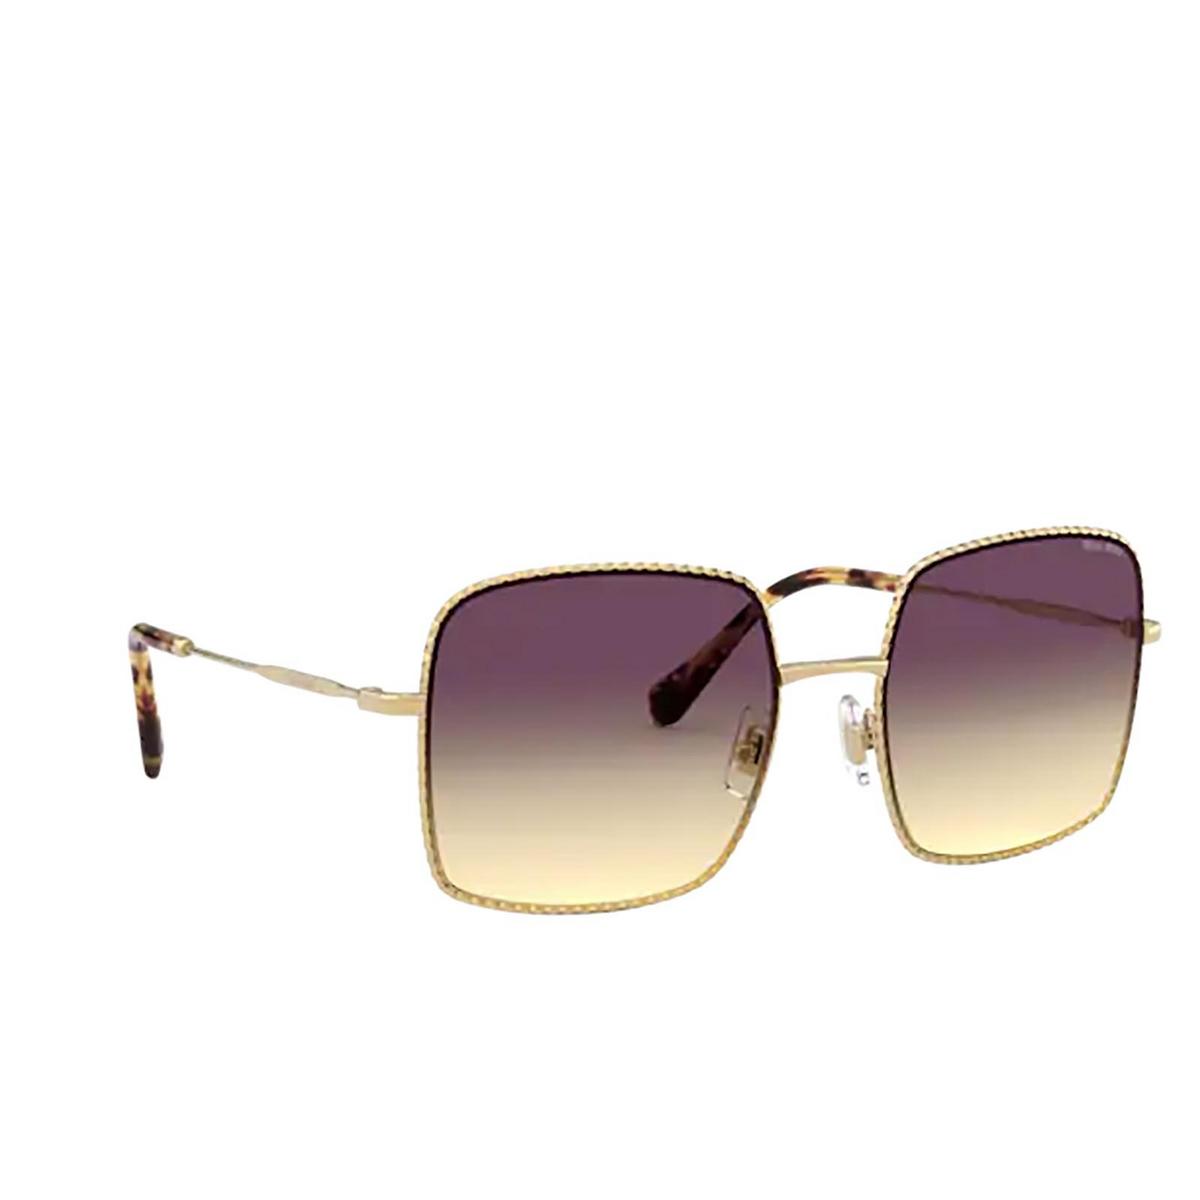 Miu Miu® Square Sunglasses: MU 61VS color Gold 5AK09B.